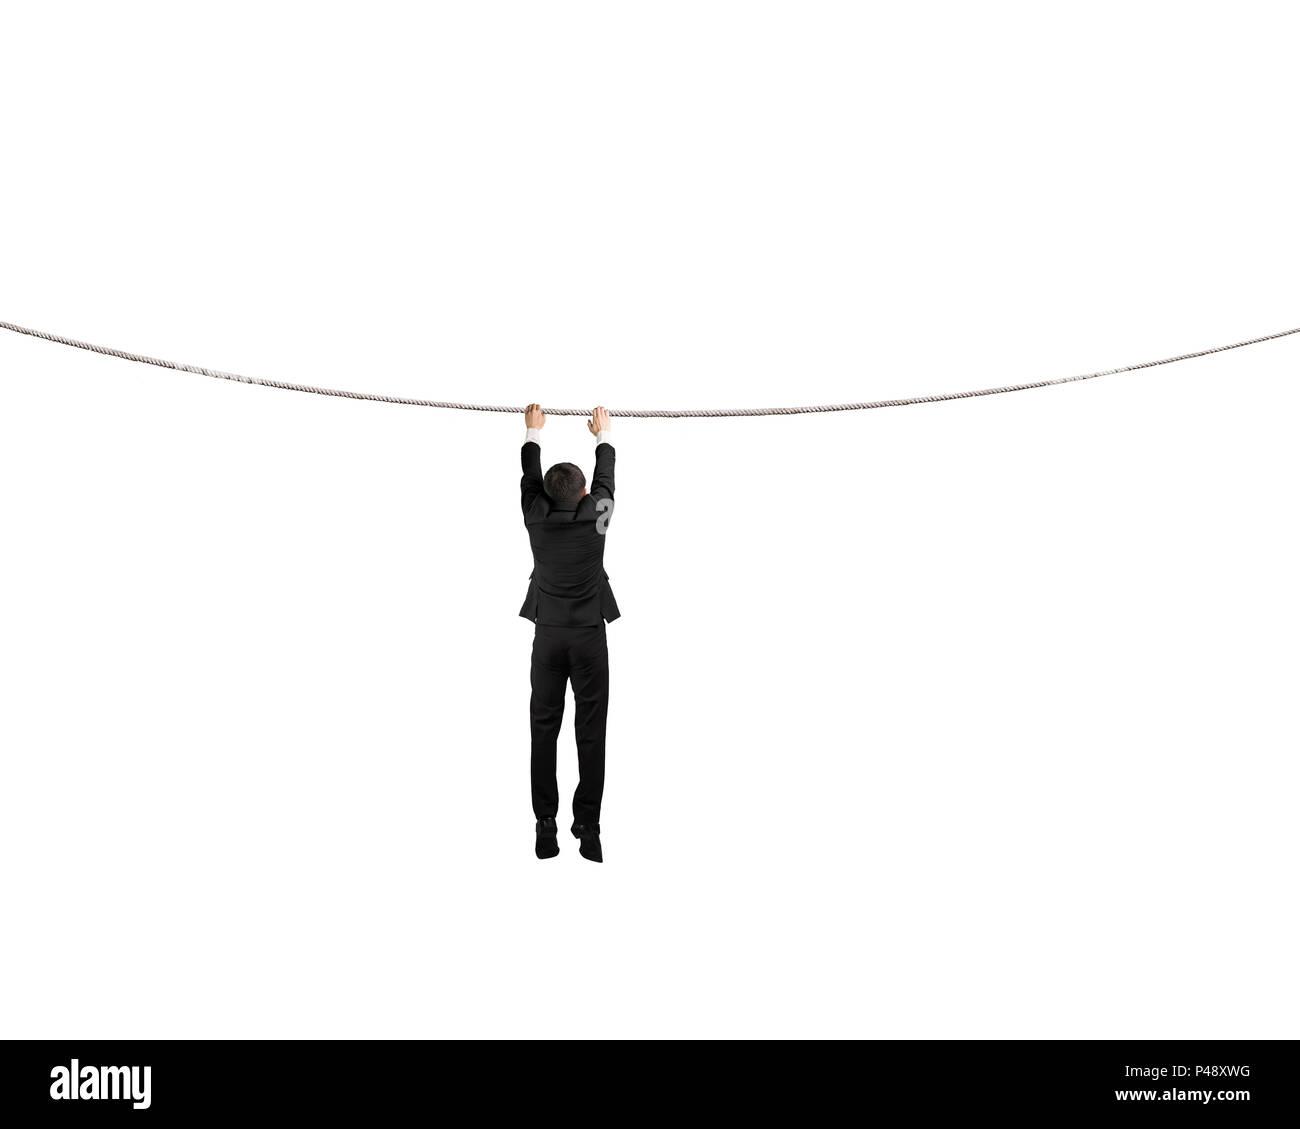 La celebración de la cuerda y colgando aislados en blanco Imagen De Stock